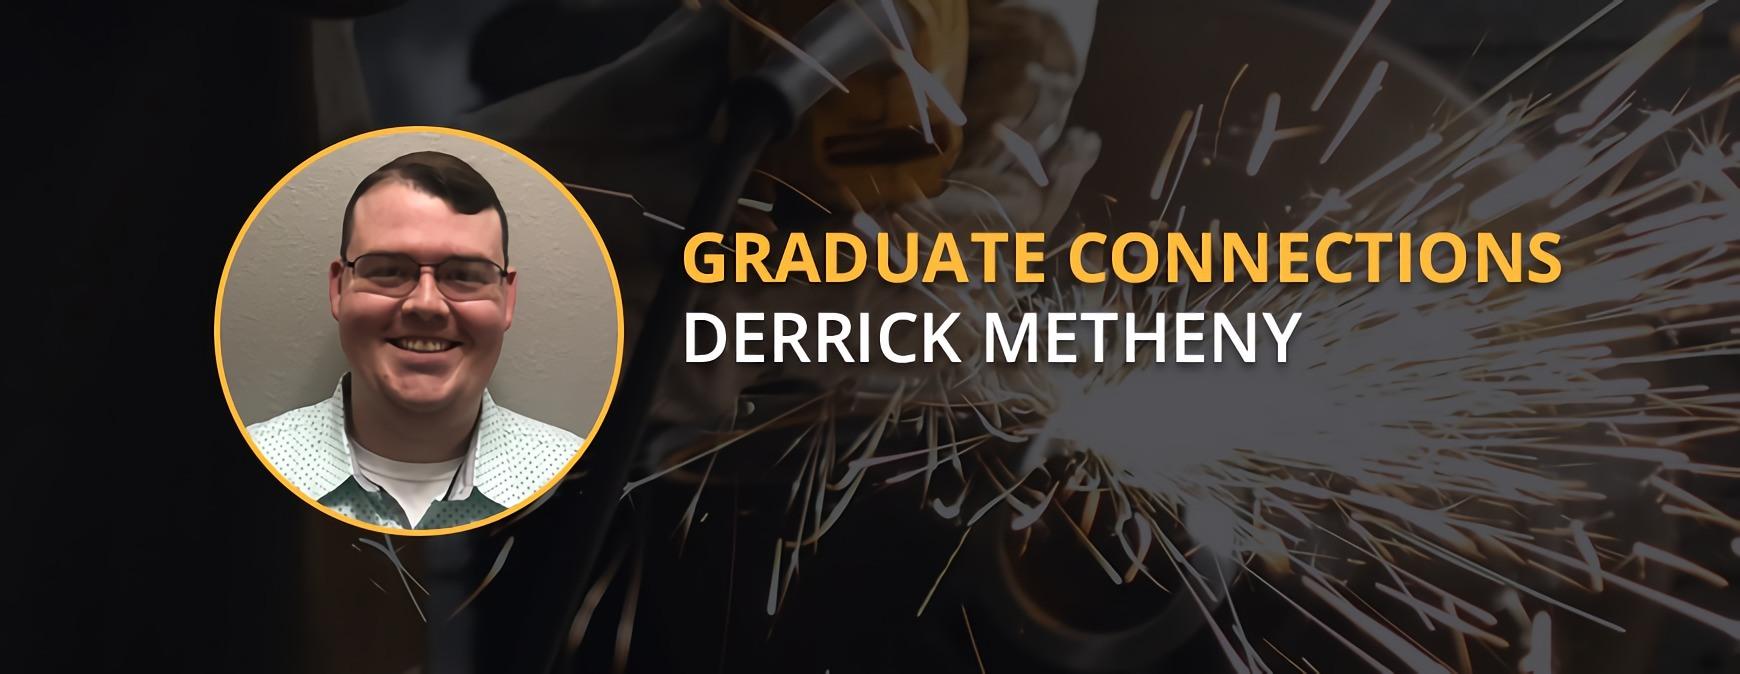 Derrick Metheny cover photo